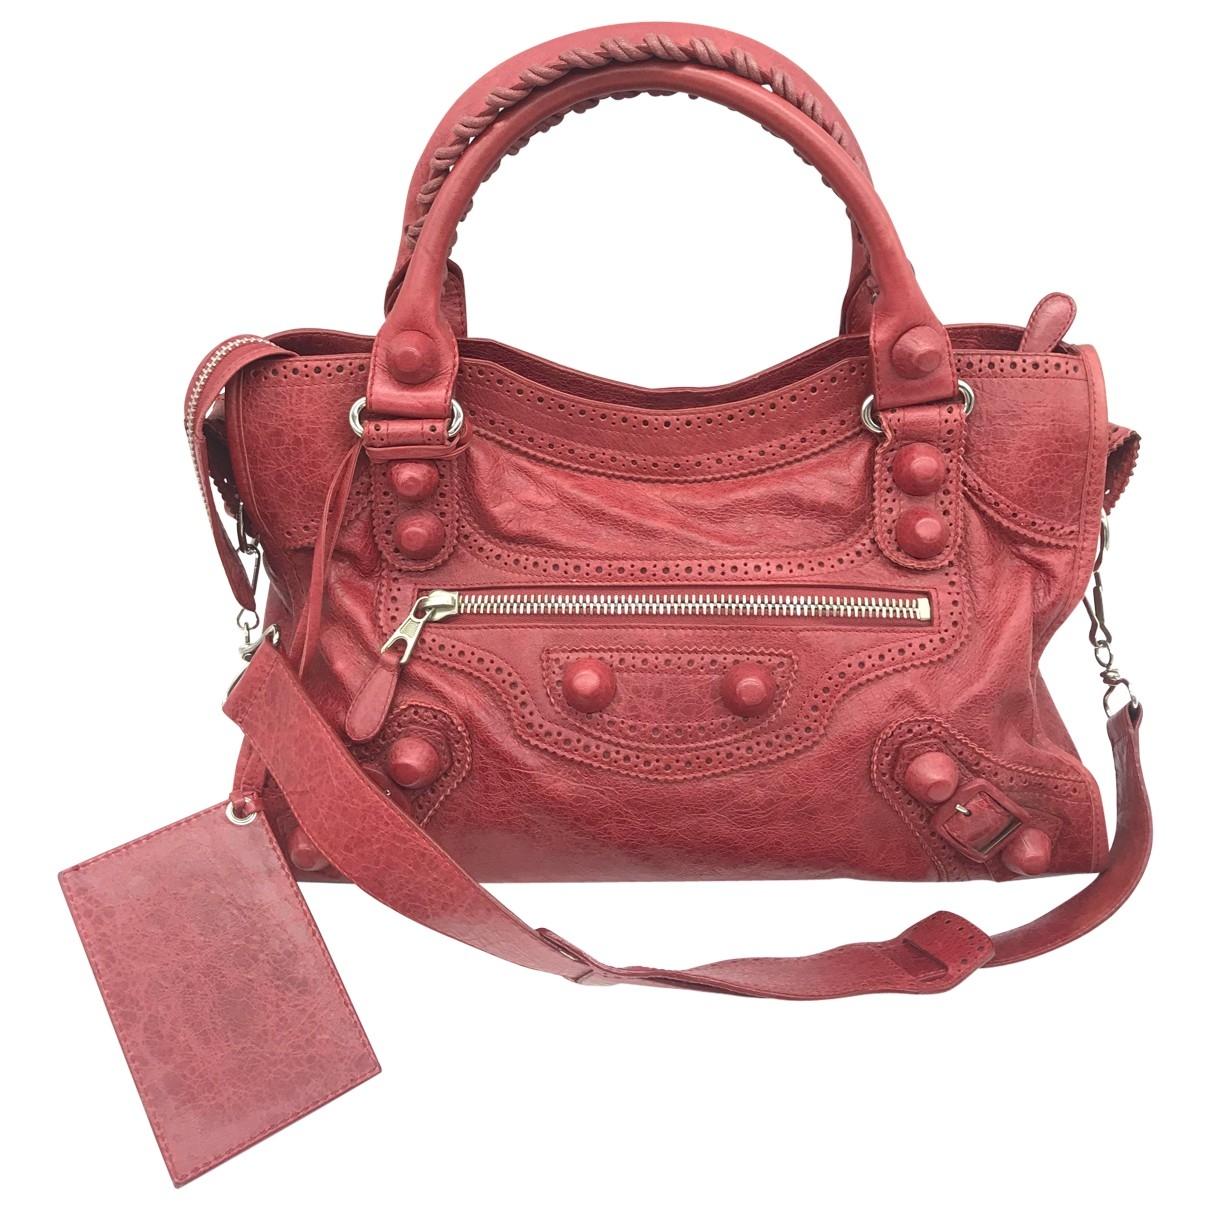 Balenciaga City Handtasche in  Rot Leder